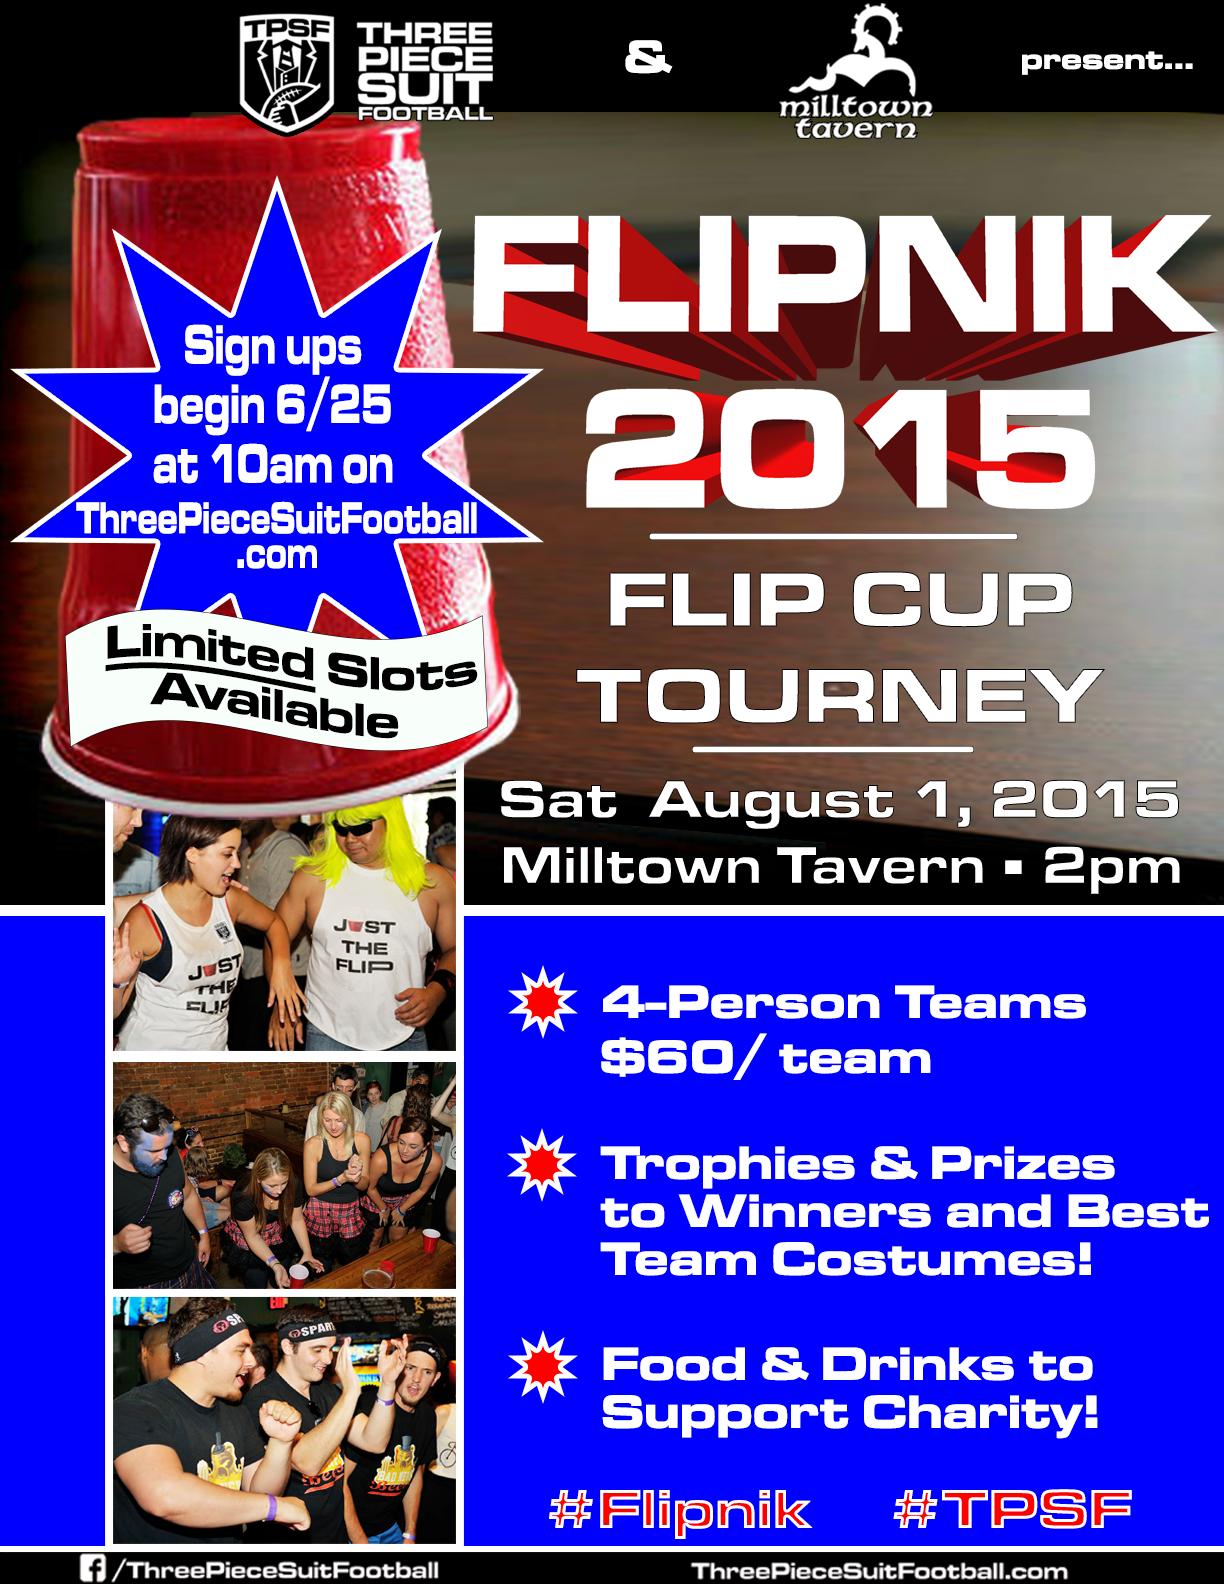 Flipnik-2015-official-flyer_Draft-6.151